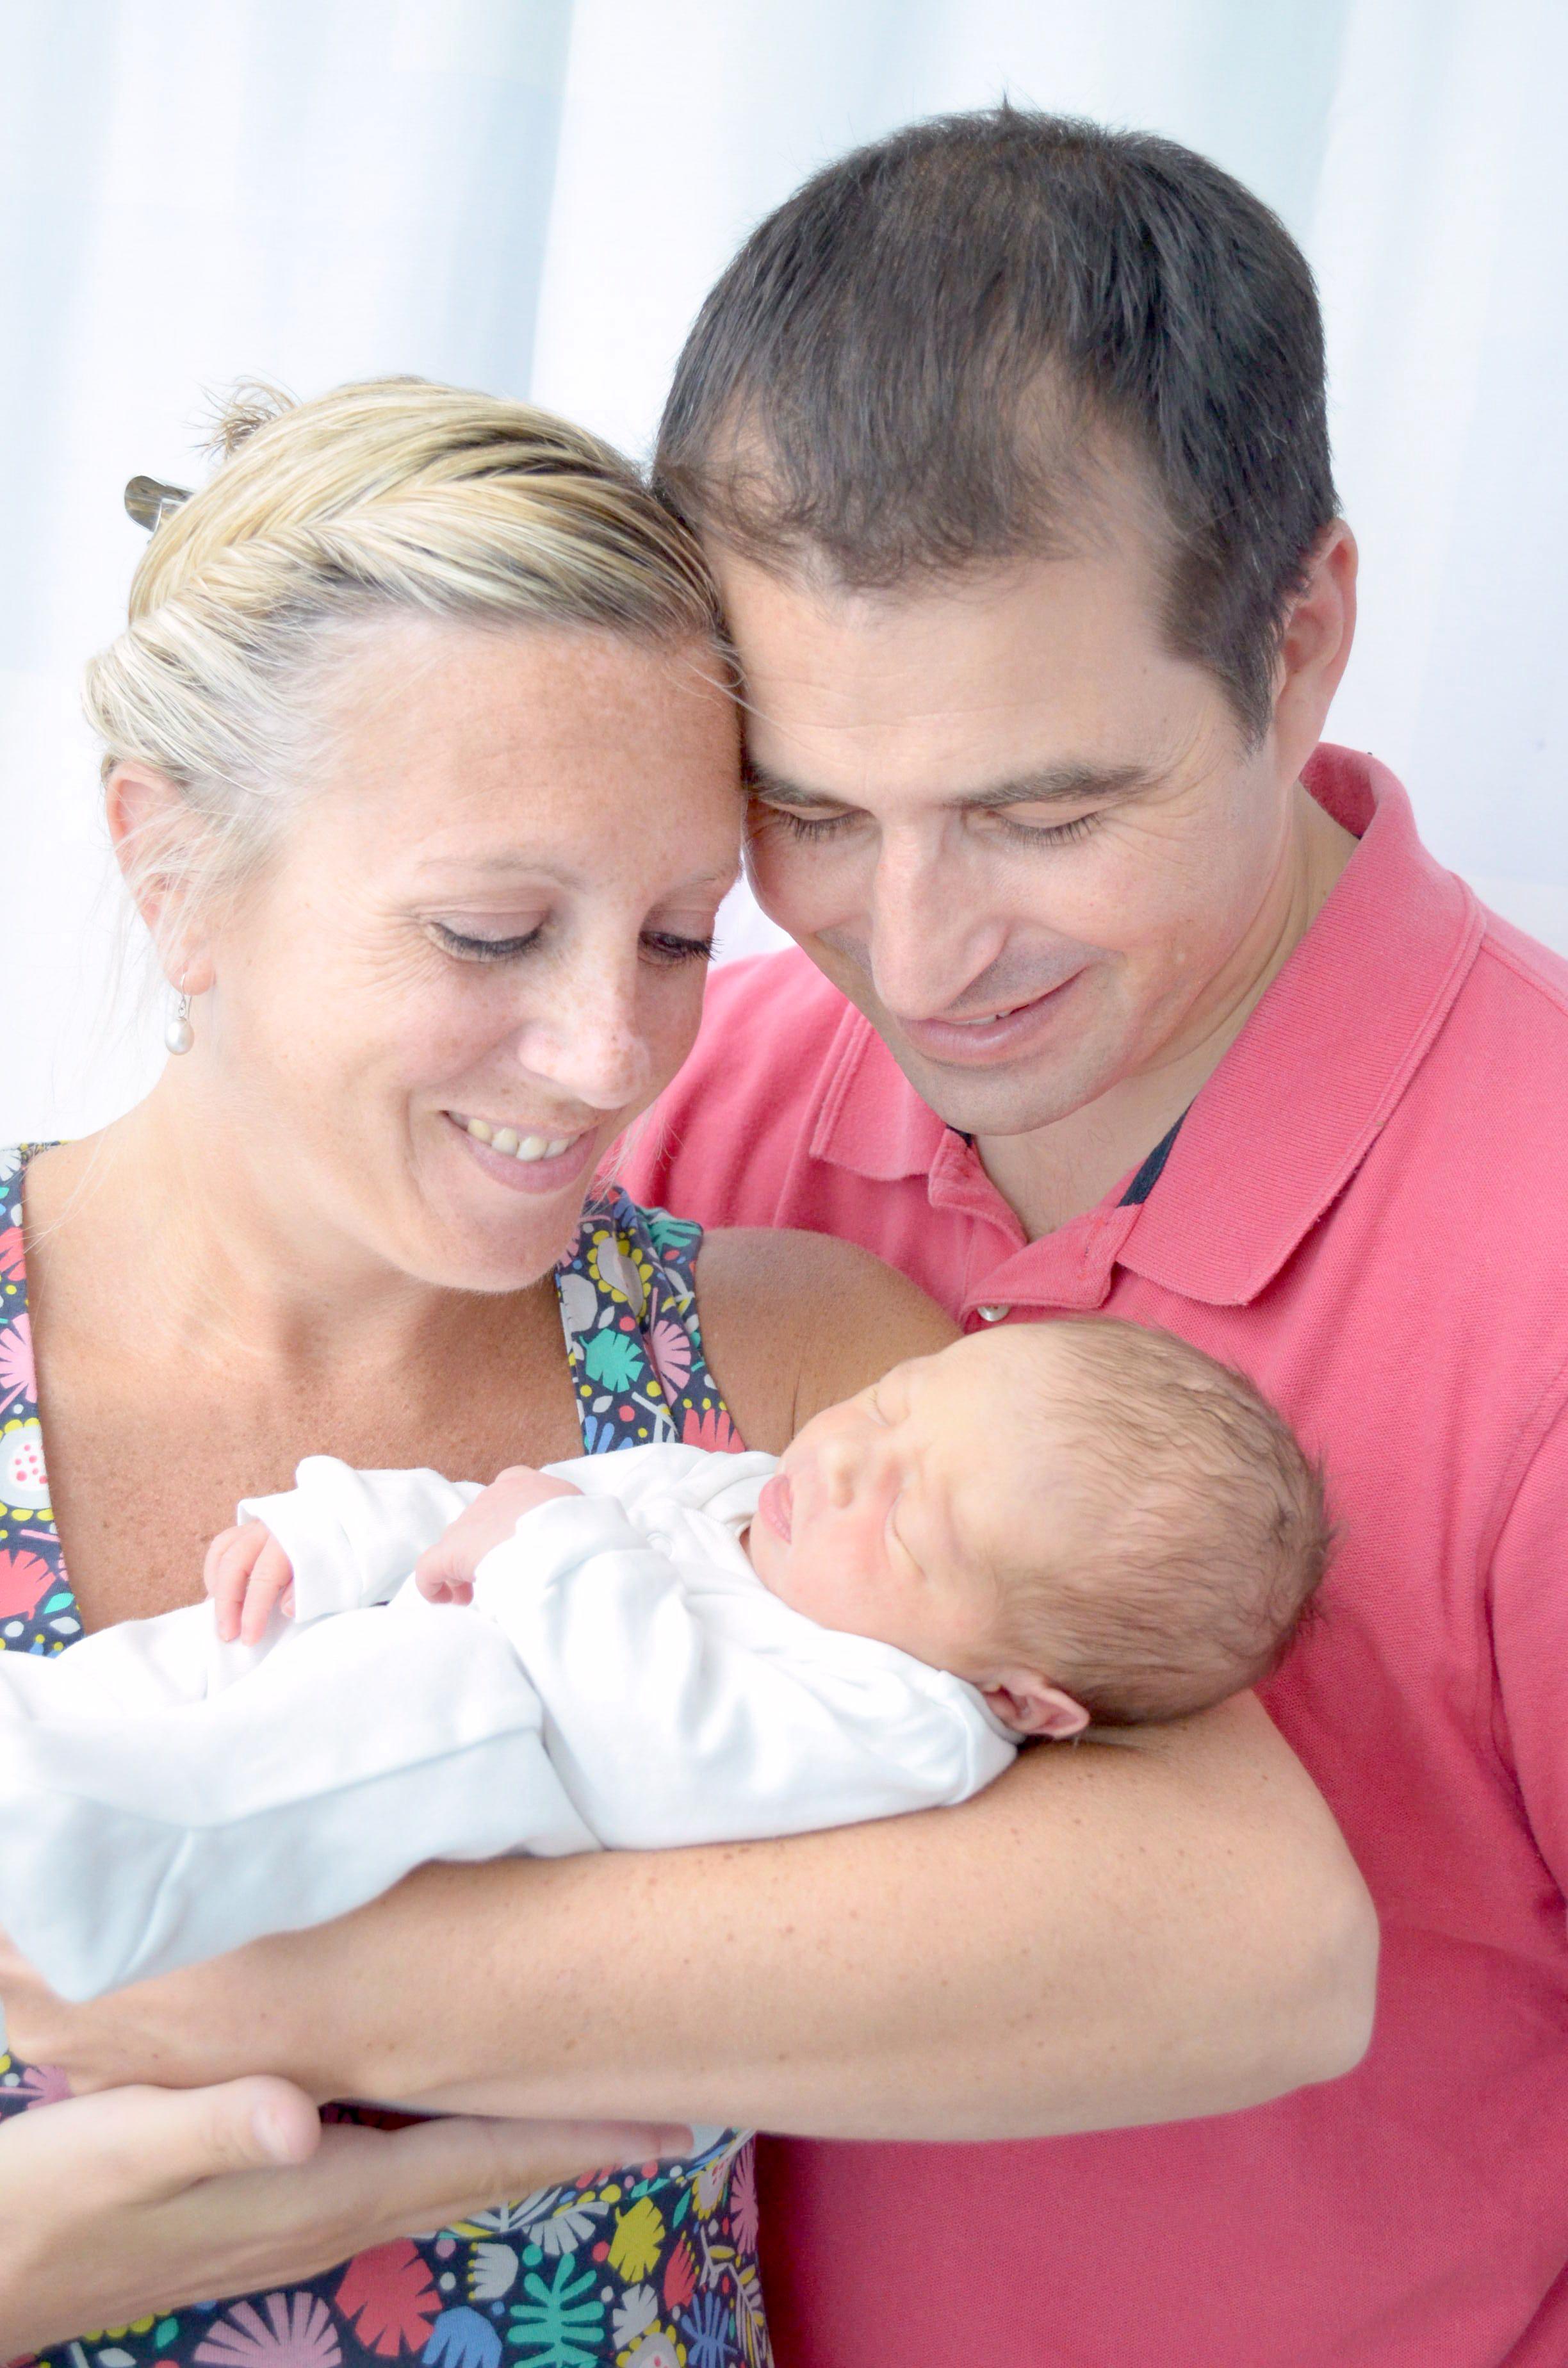 baby-shower-gift-guide-www.popitha.com